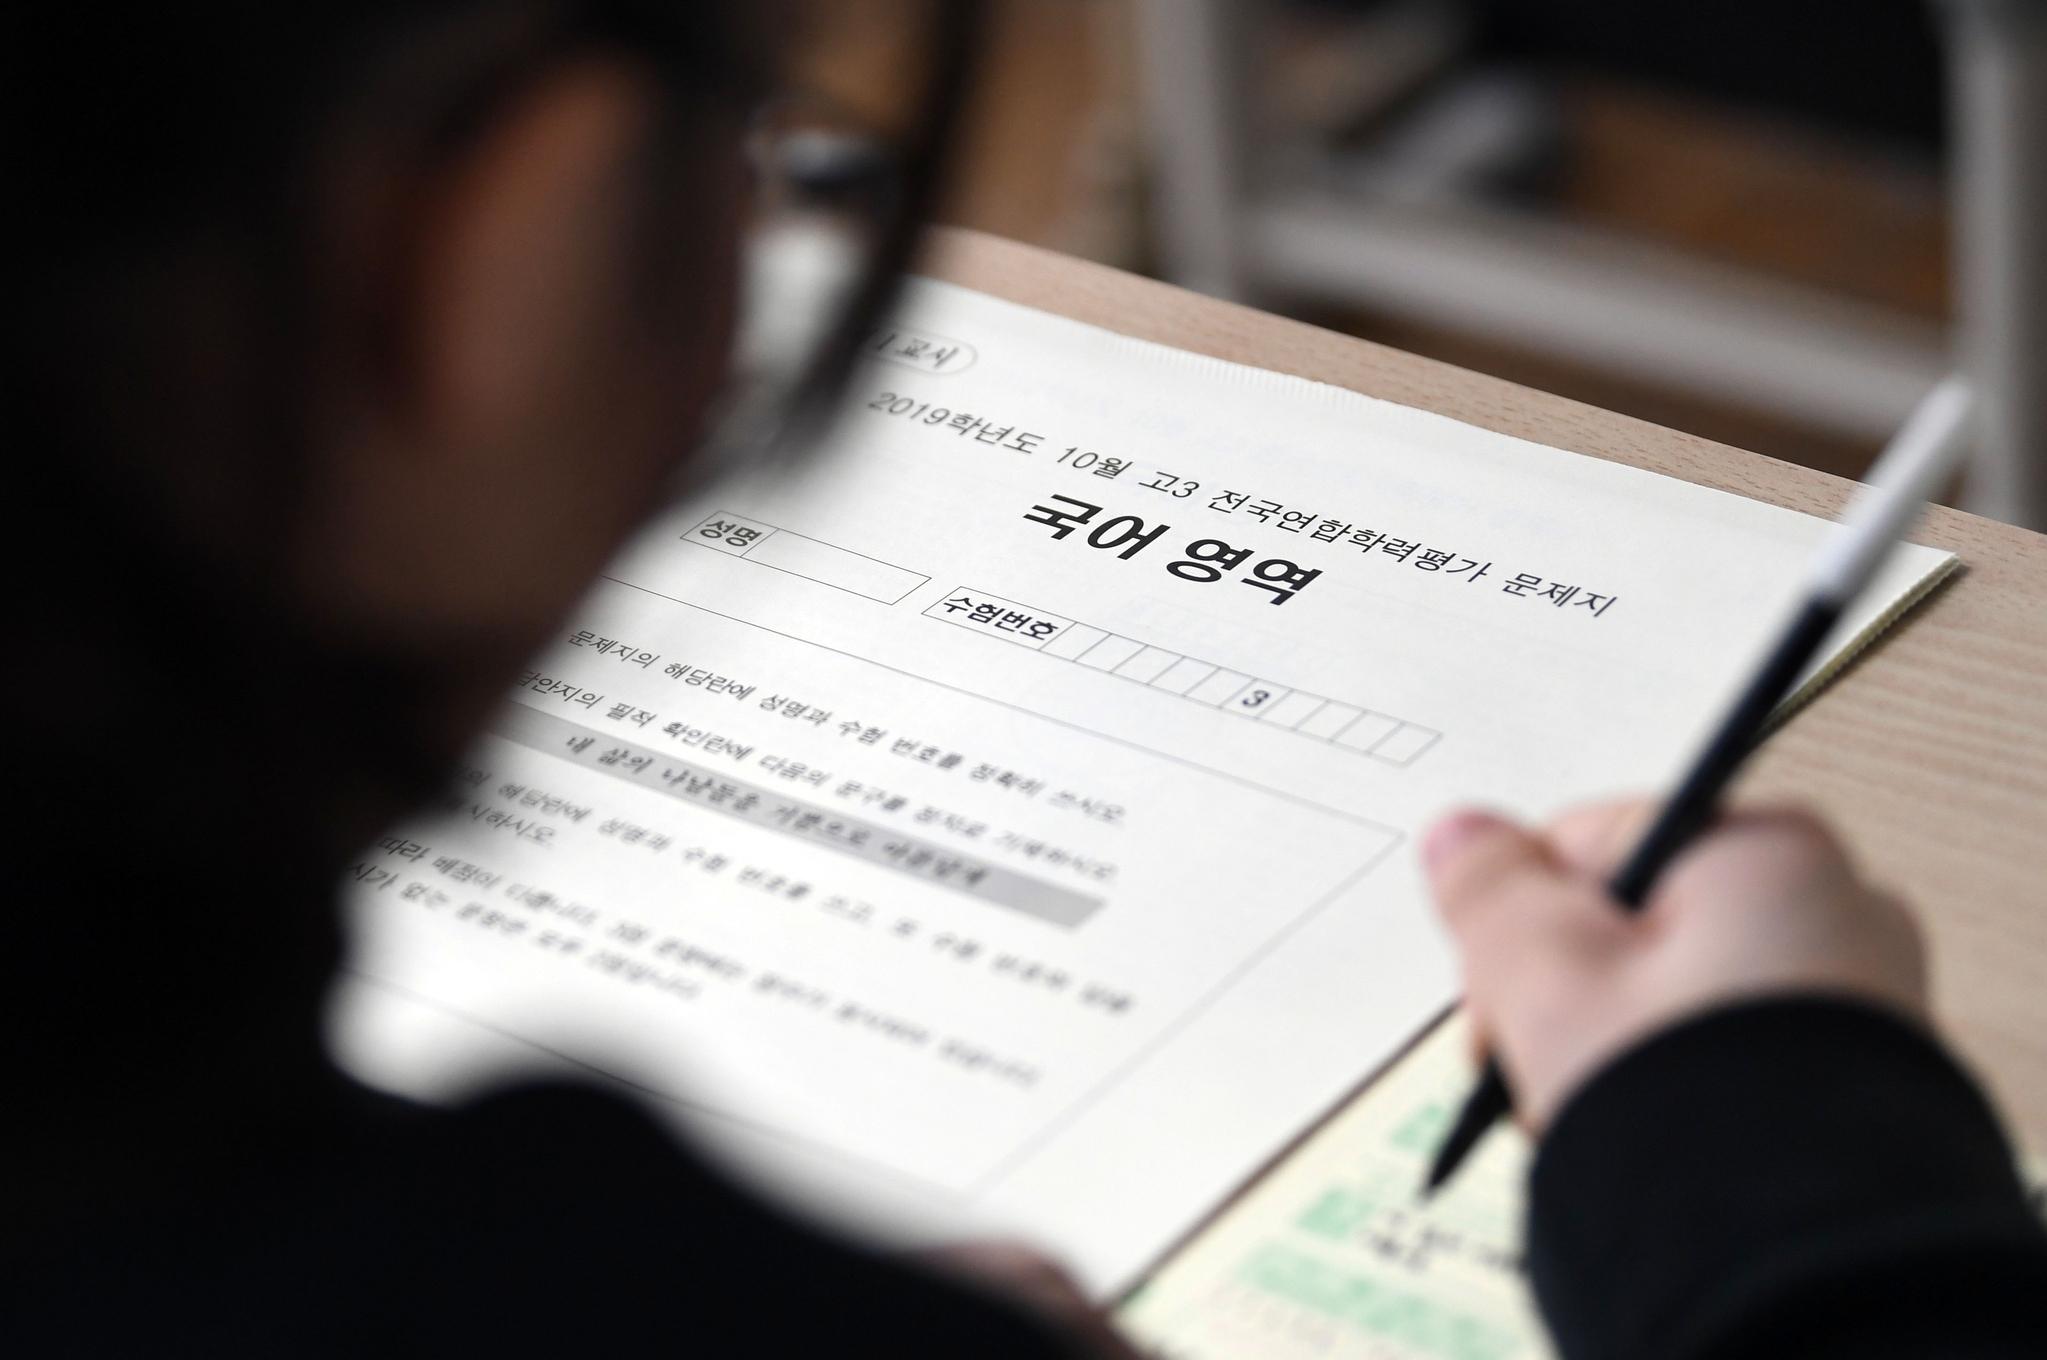 서울의 한 여고에서 고3 학생이 2020학년도 대학수학능력시험 전 마지막 모의고사인 '전국연합학력평가' 진행을 기다리고 있다. [연합뉴스]